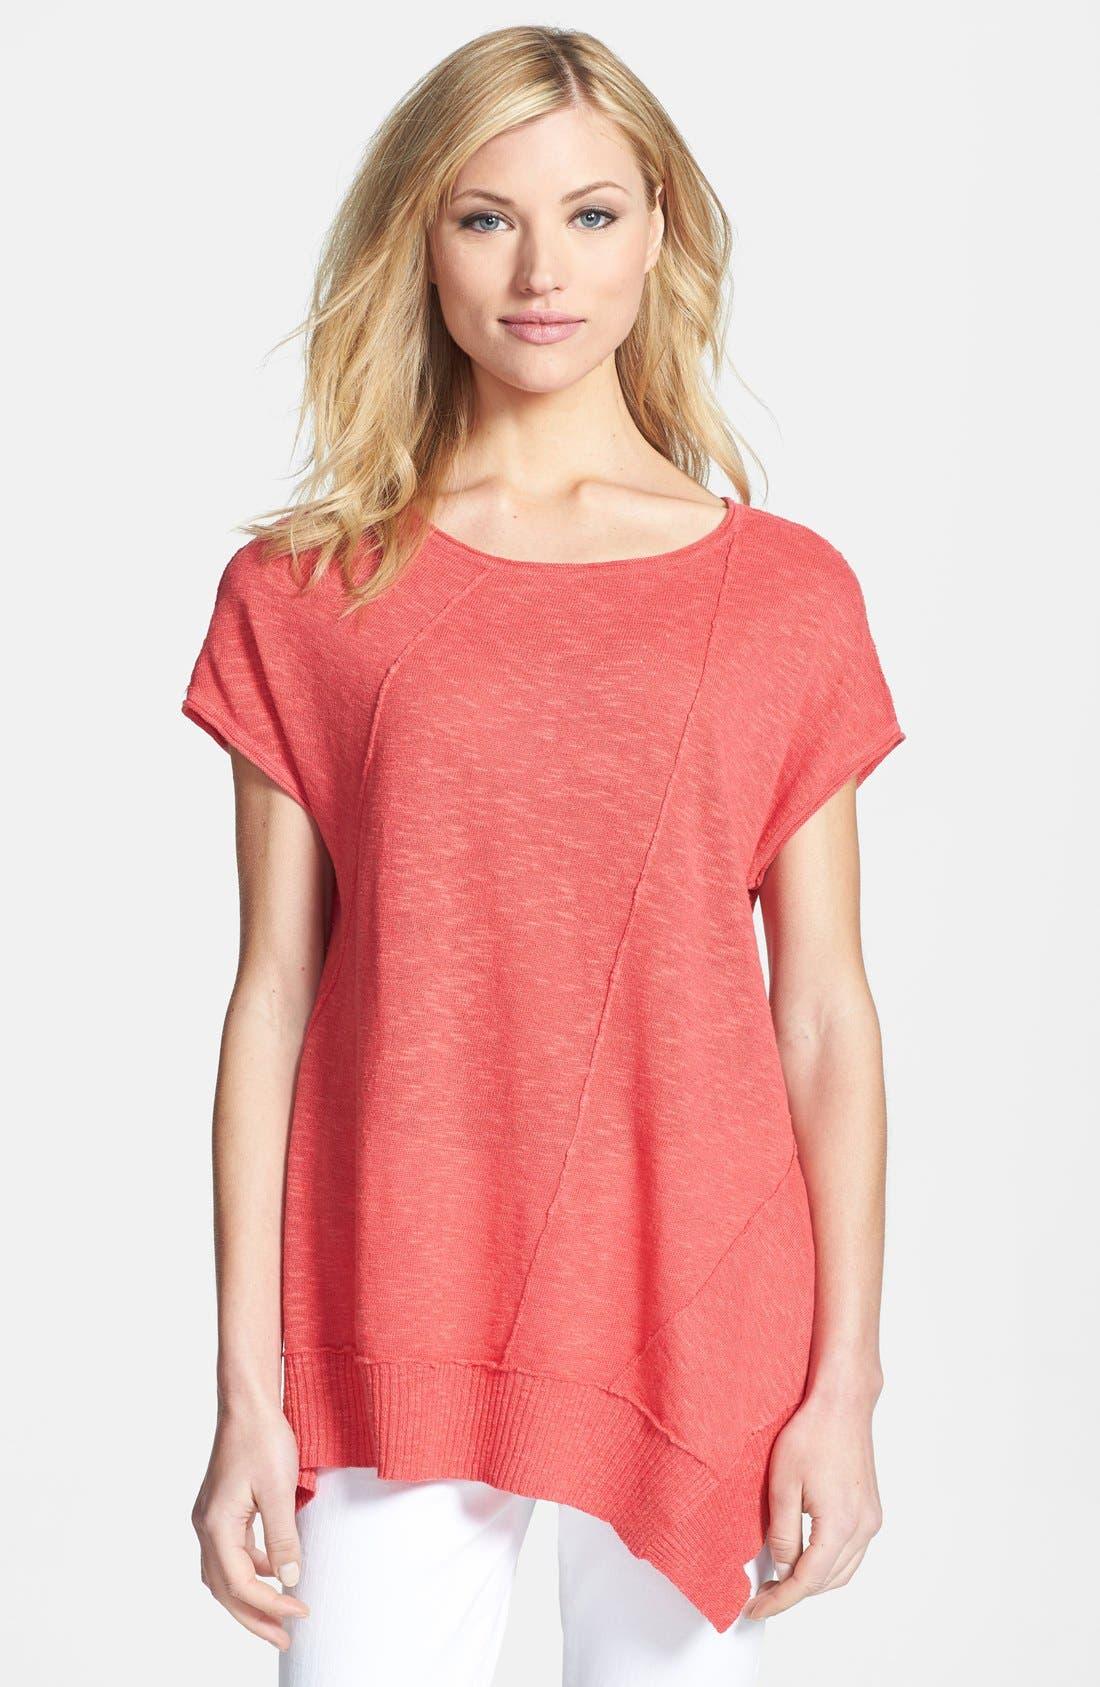 Alternate Image 1 Selected - Eileen Fisher Cap Sleeve Organic Linen & Cotton Scoop Neck Top (Regular & Petite)